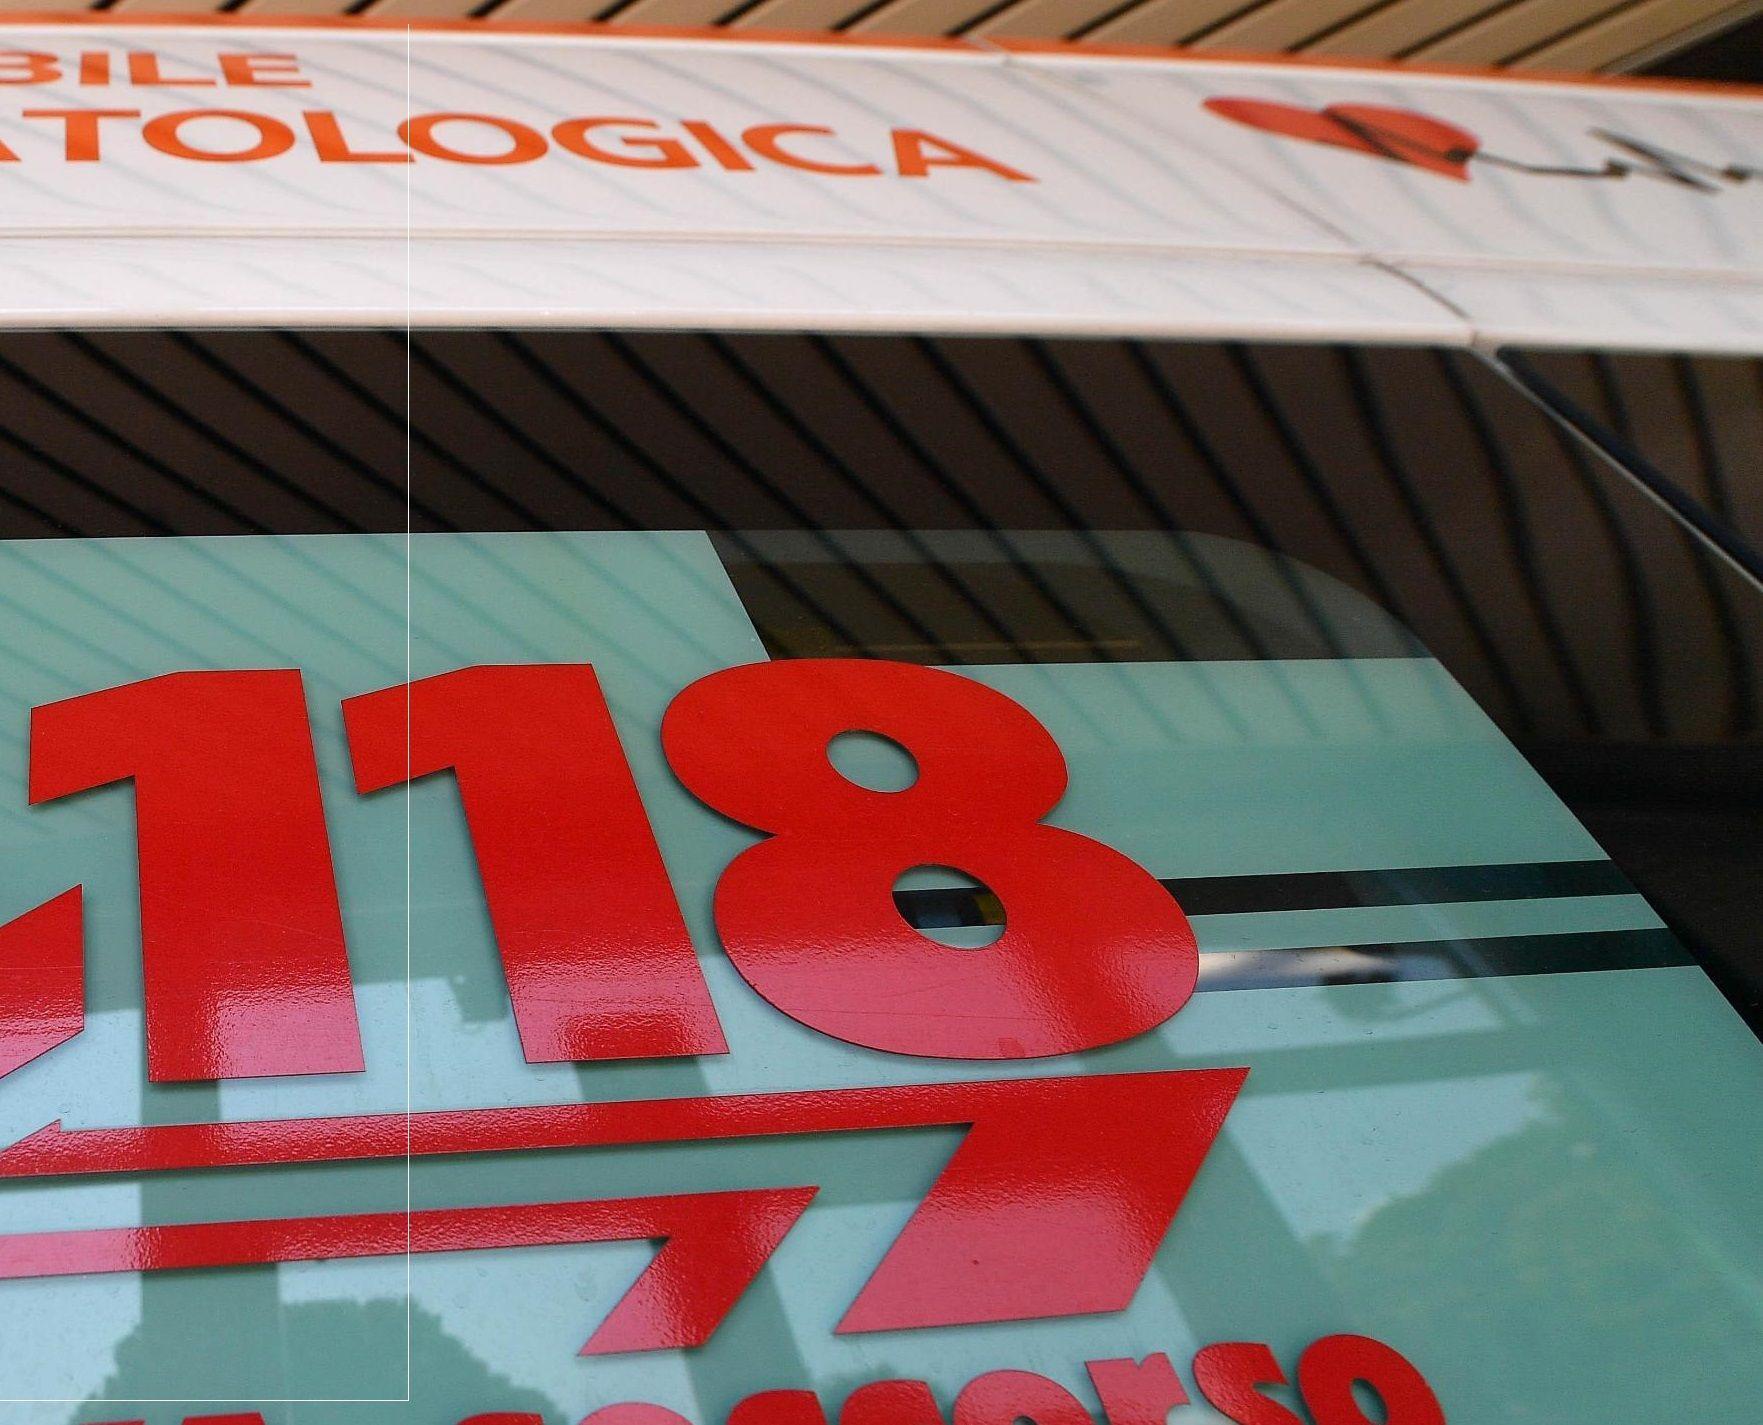 Incidente stradale a Forlì: morto giovane papà di 27 anni